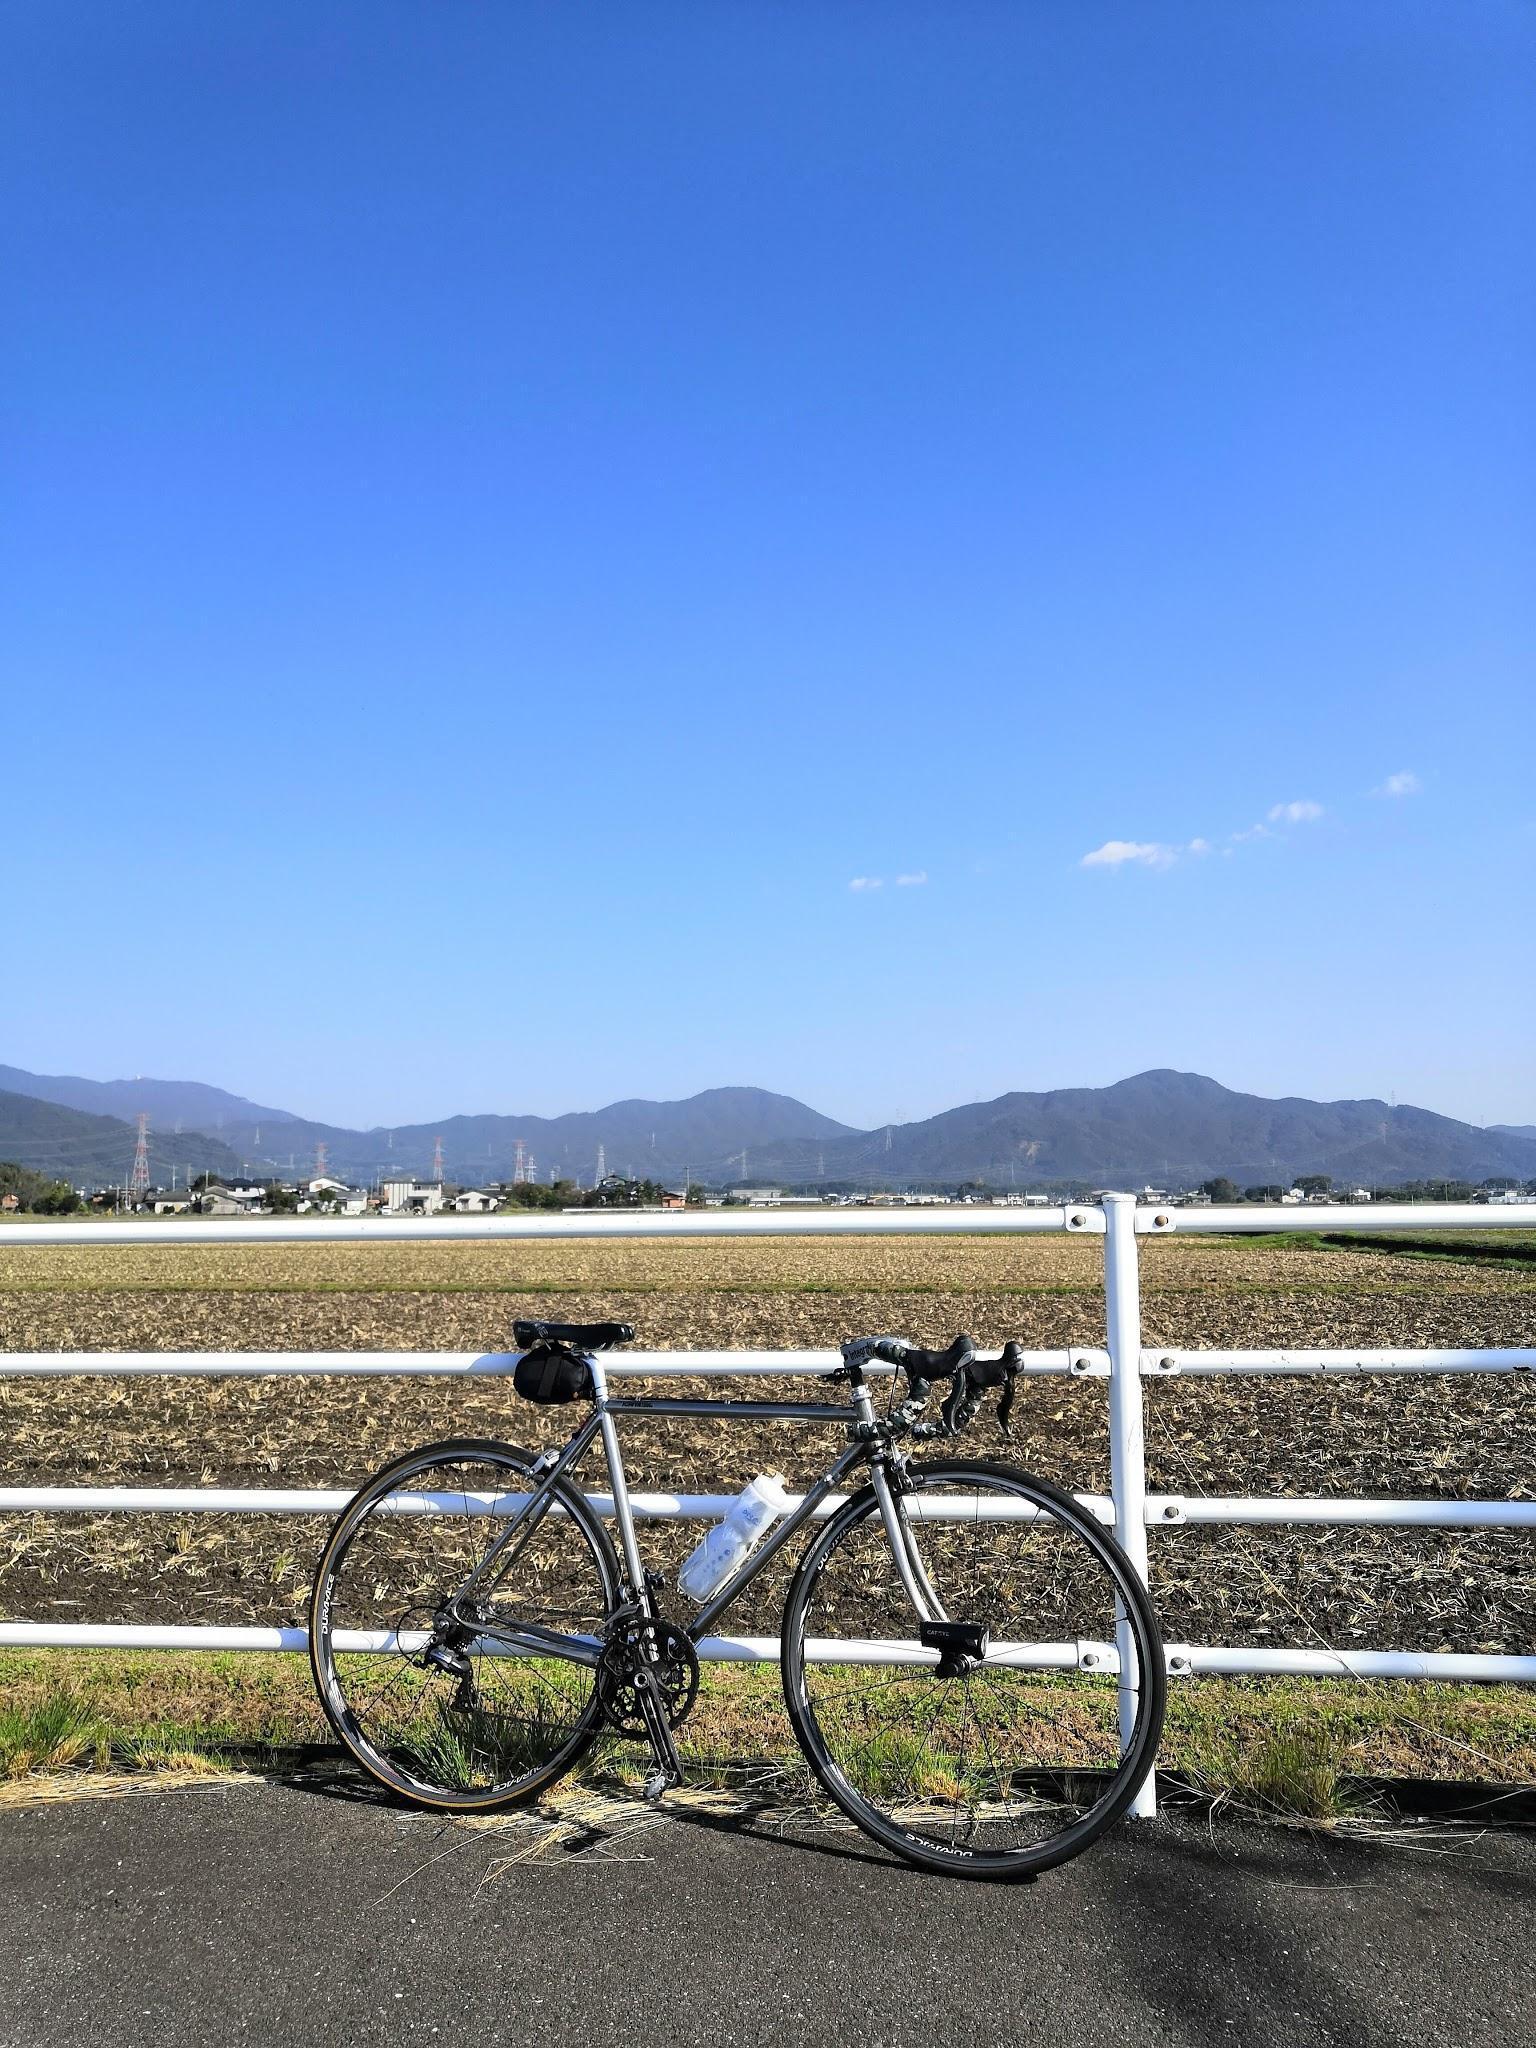 太宰府から駅前不動産スタジアムへの道中